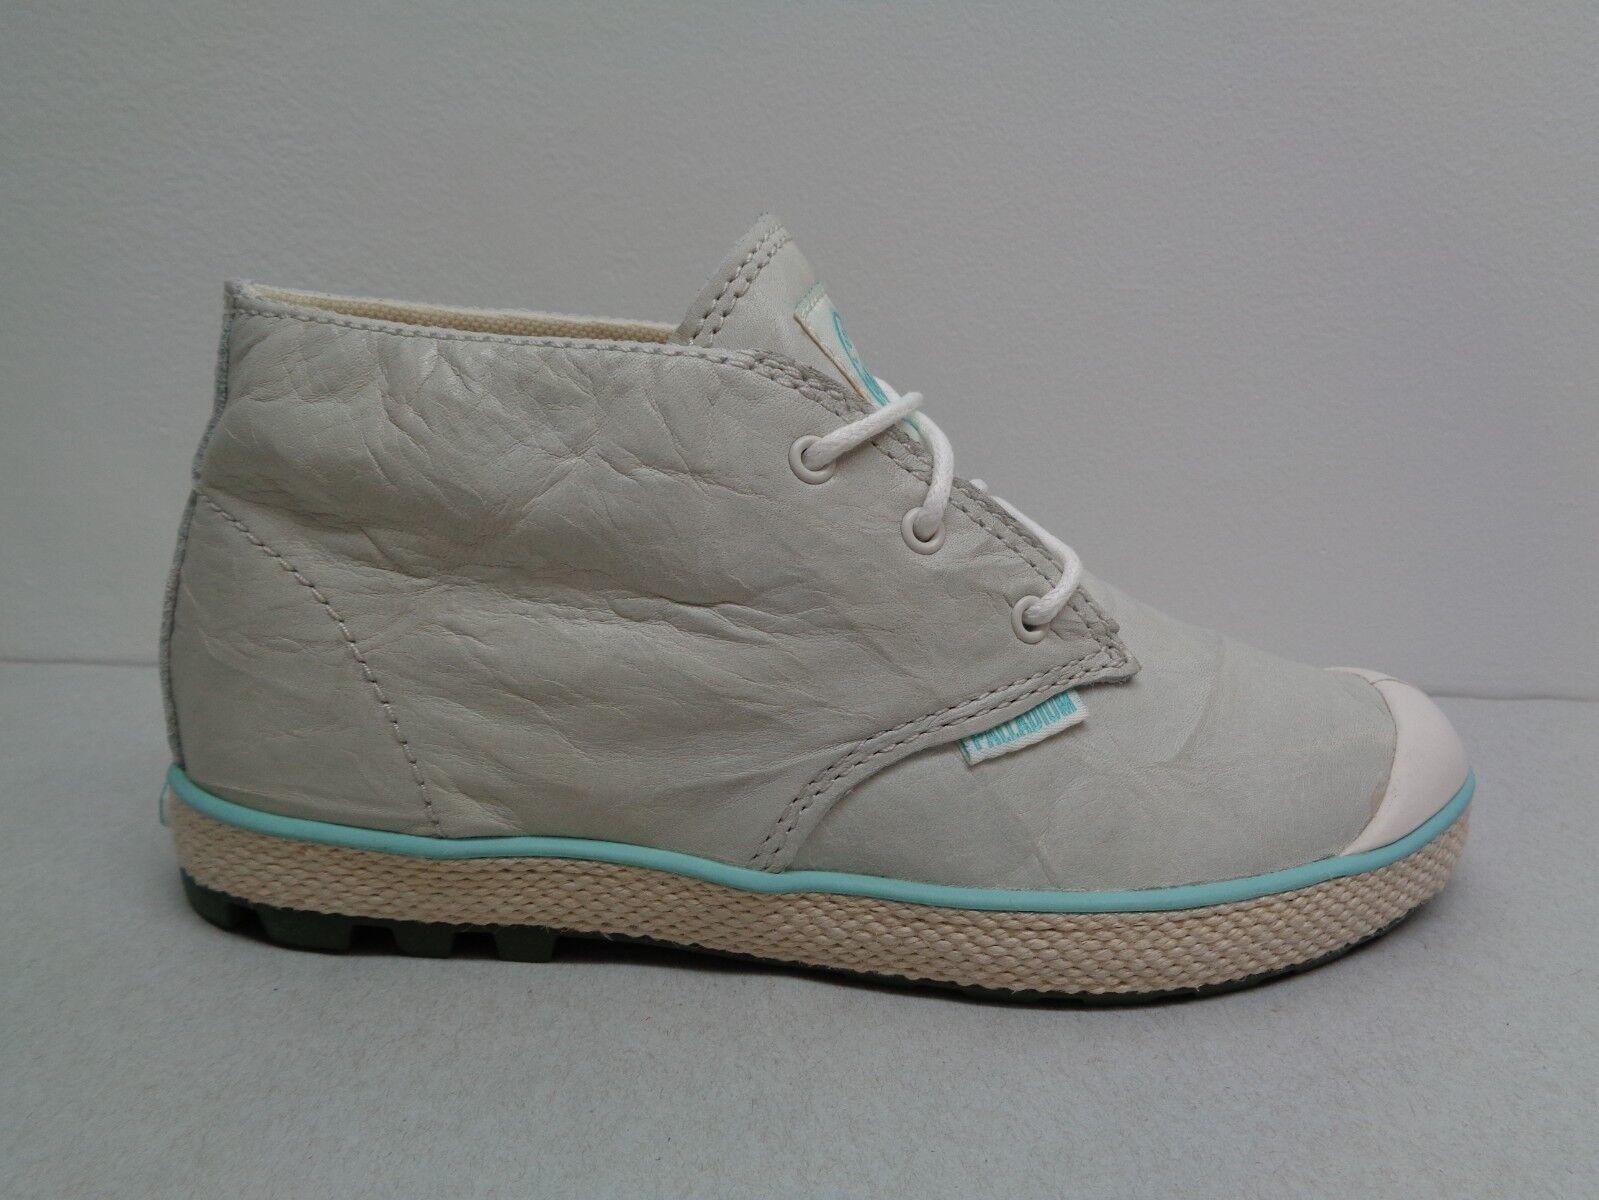 Palladium M Slim Chukka botas al Tobillo de Cuero blancoo Apagado Nuevos Mujer Zapatos